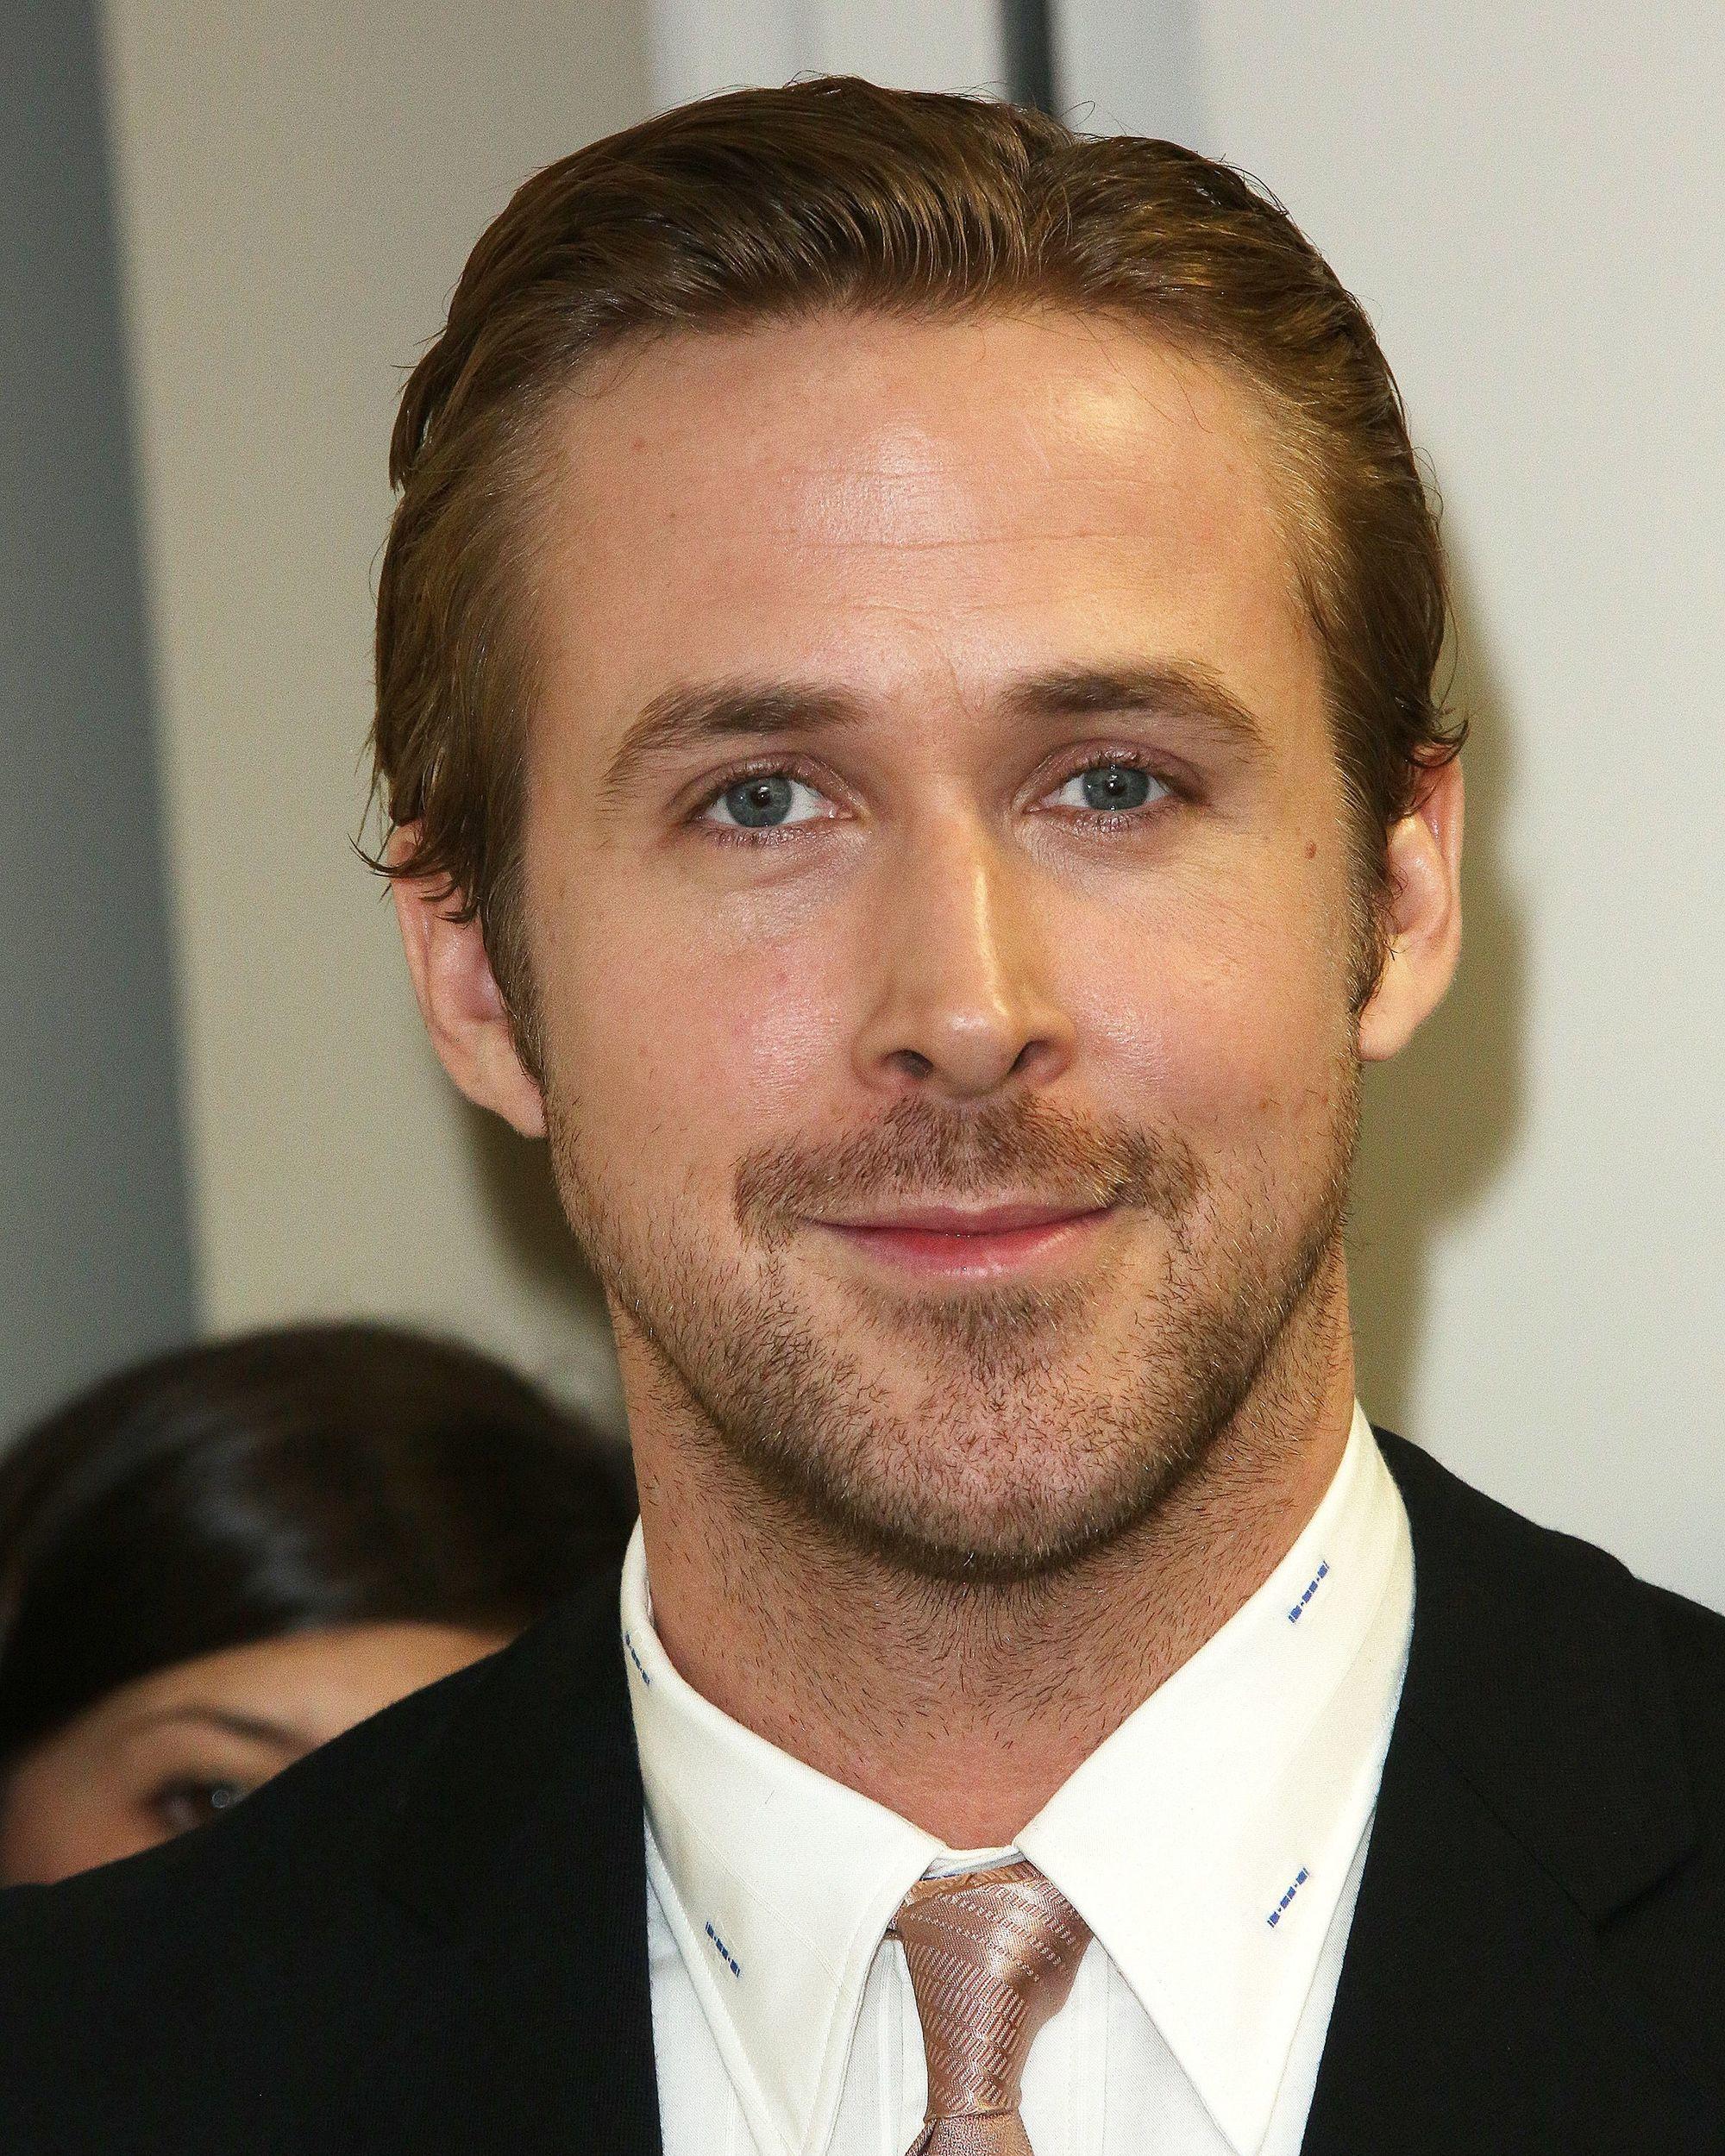 Coupe de cheveux de Ryan Gosling : Ryan Gosling avec une élégante coiffure brossée sur le dos, avec des cheveux courts et portant un costume et une cravate